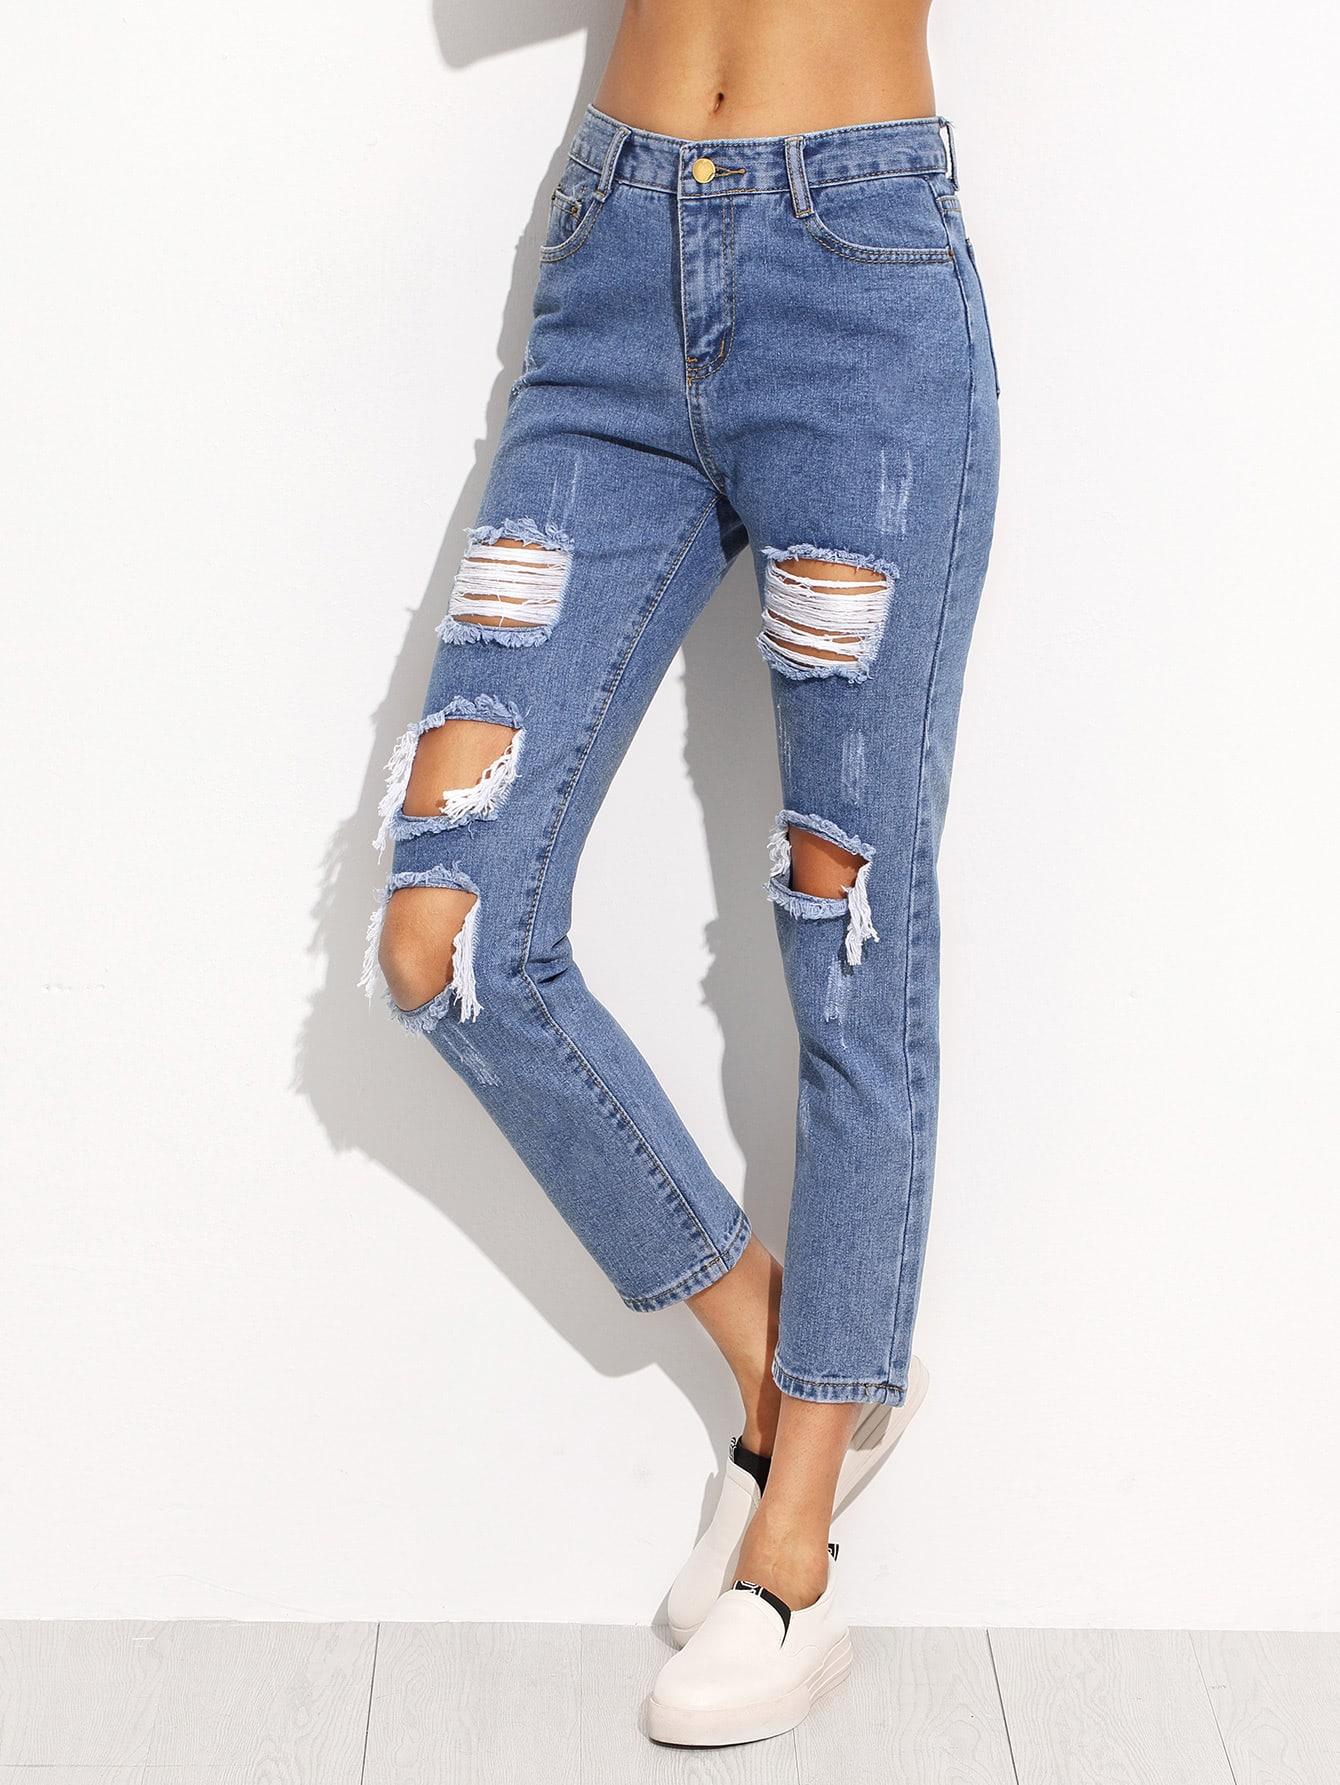 pants160804001_2